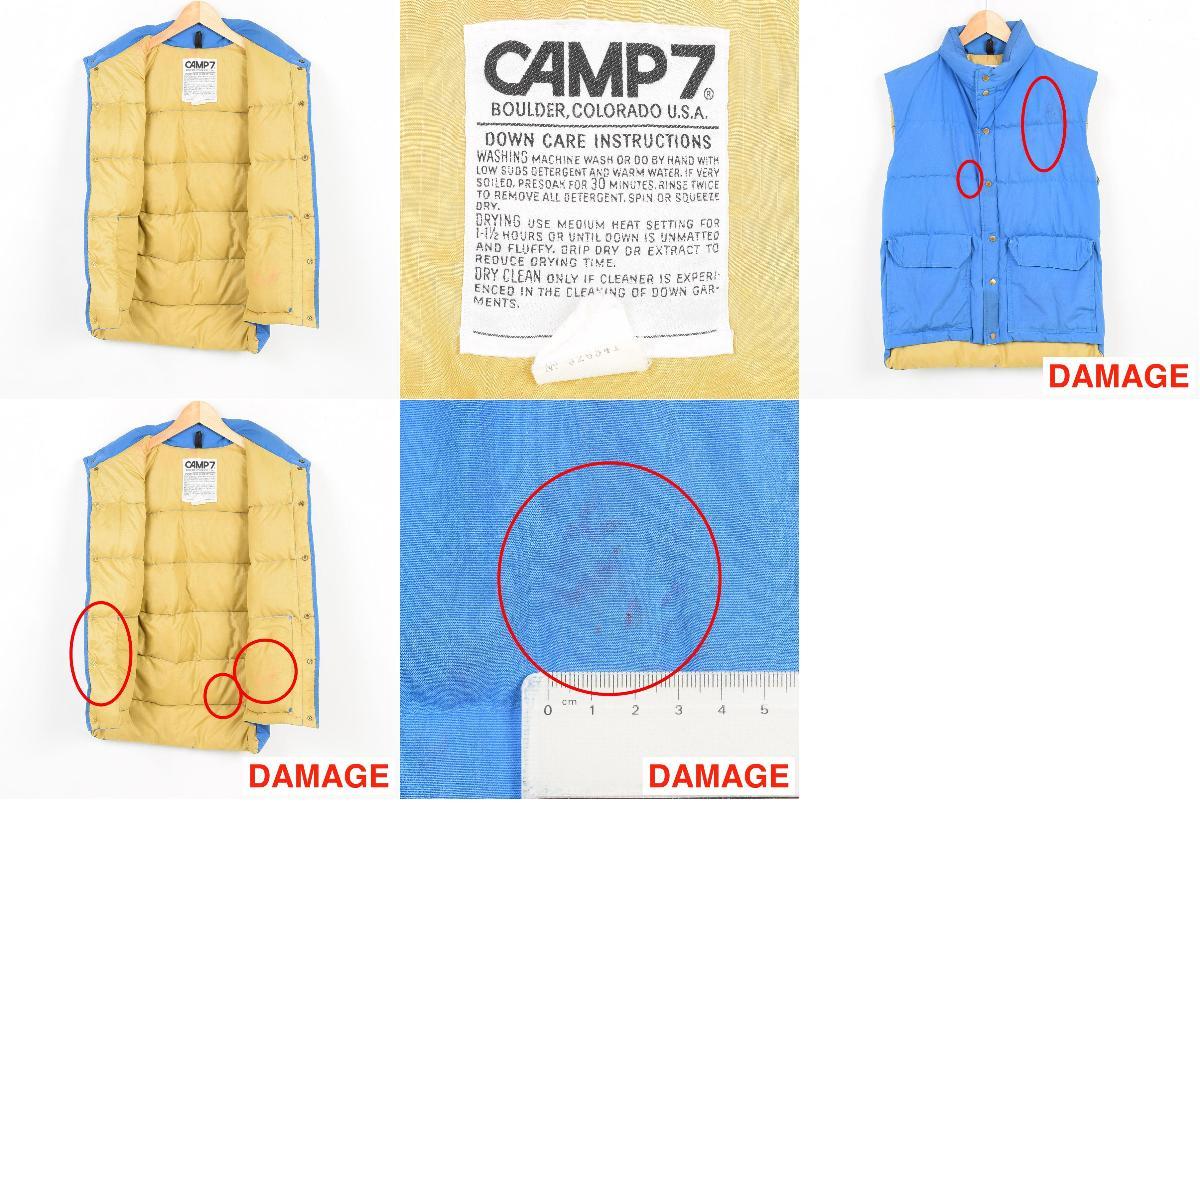 营地 7 下背心男装 M 老式 CAMP7 nawev2574 160922